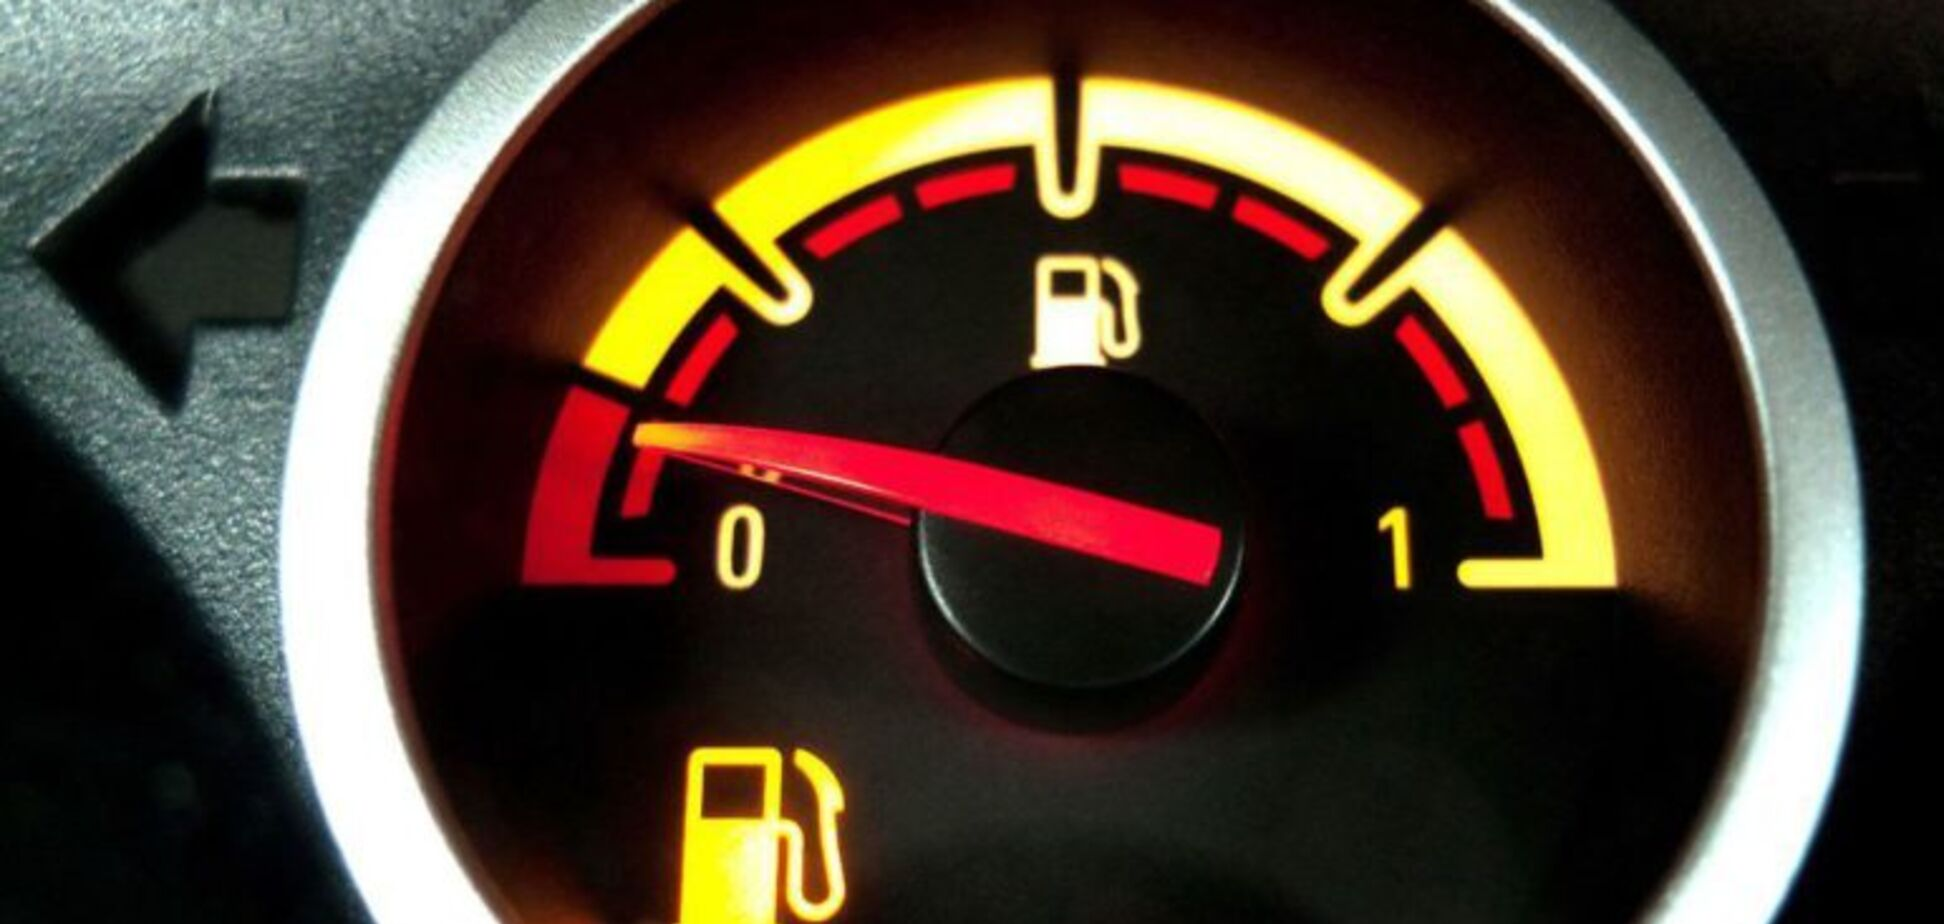 Скільки машина може проїхати 'на лампочці': на прикладі 3-х різних авто